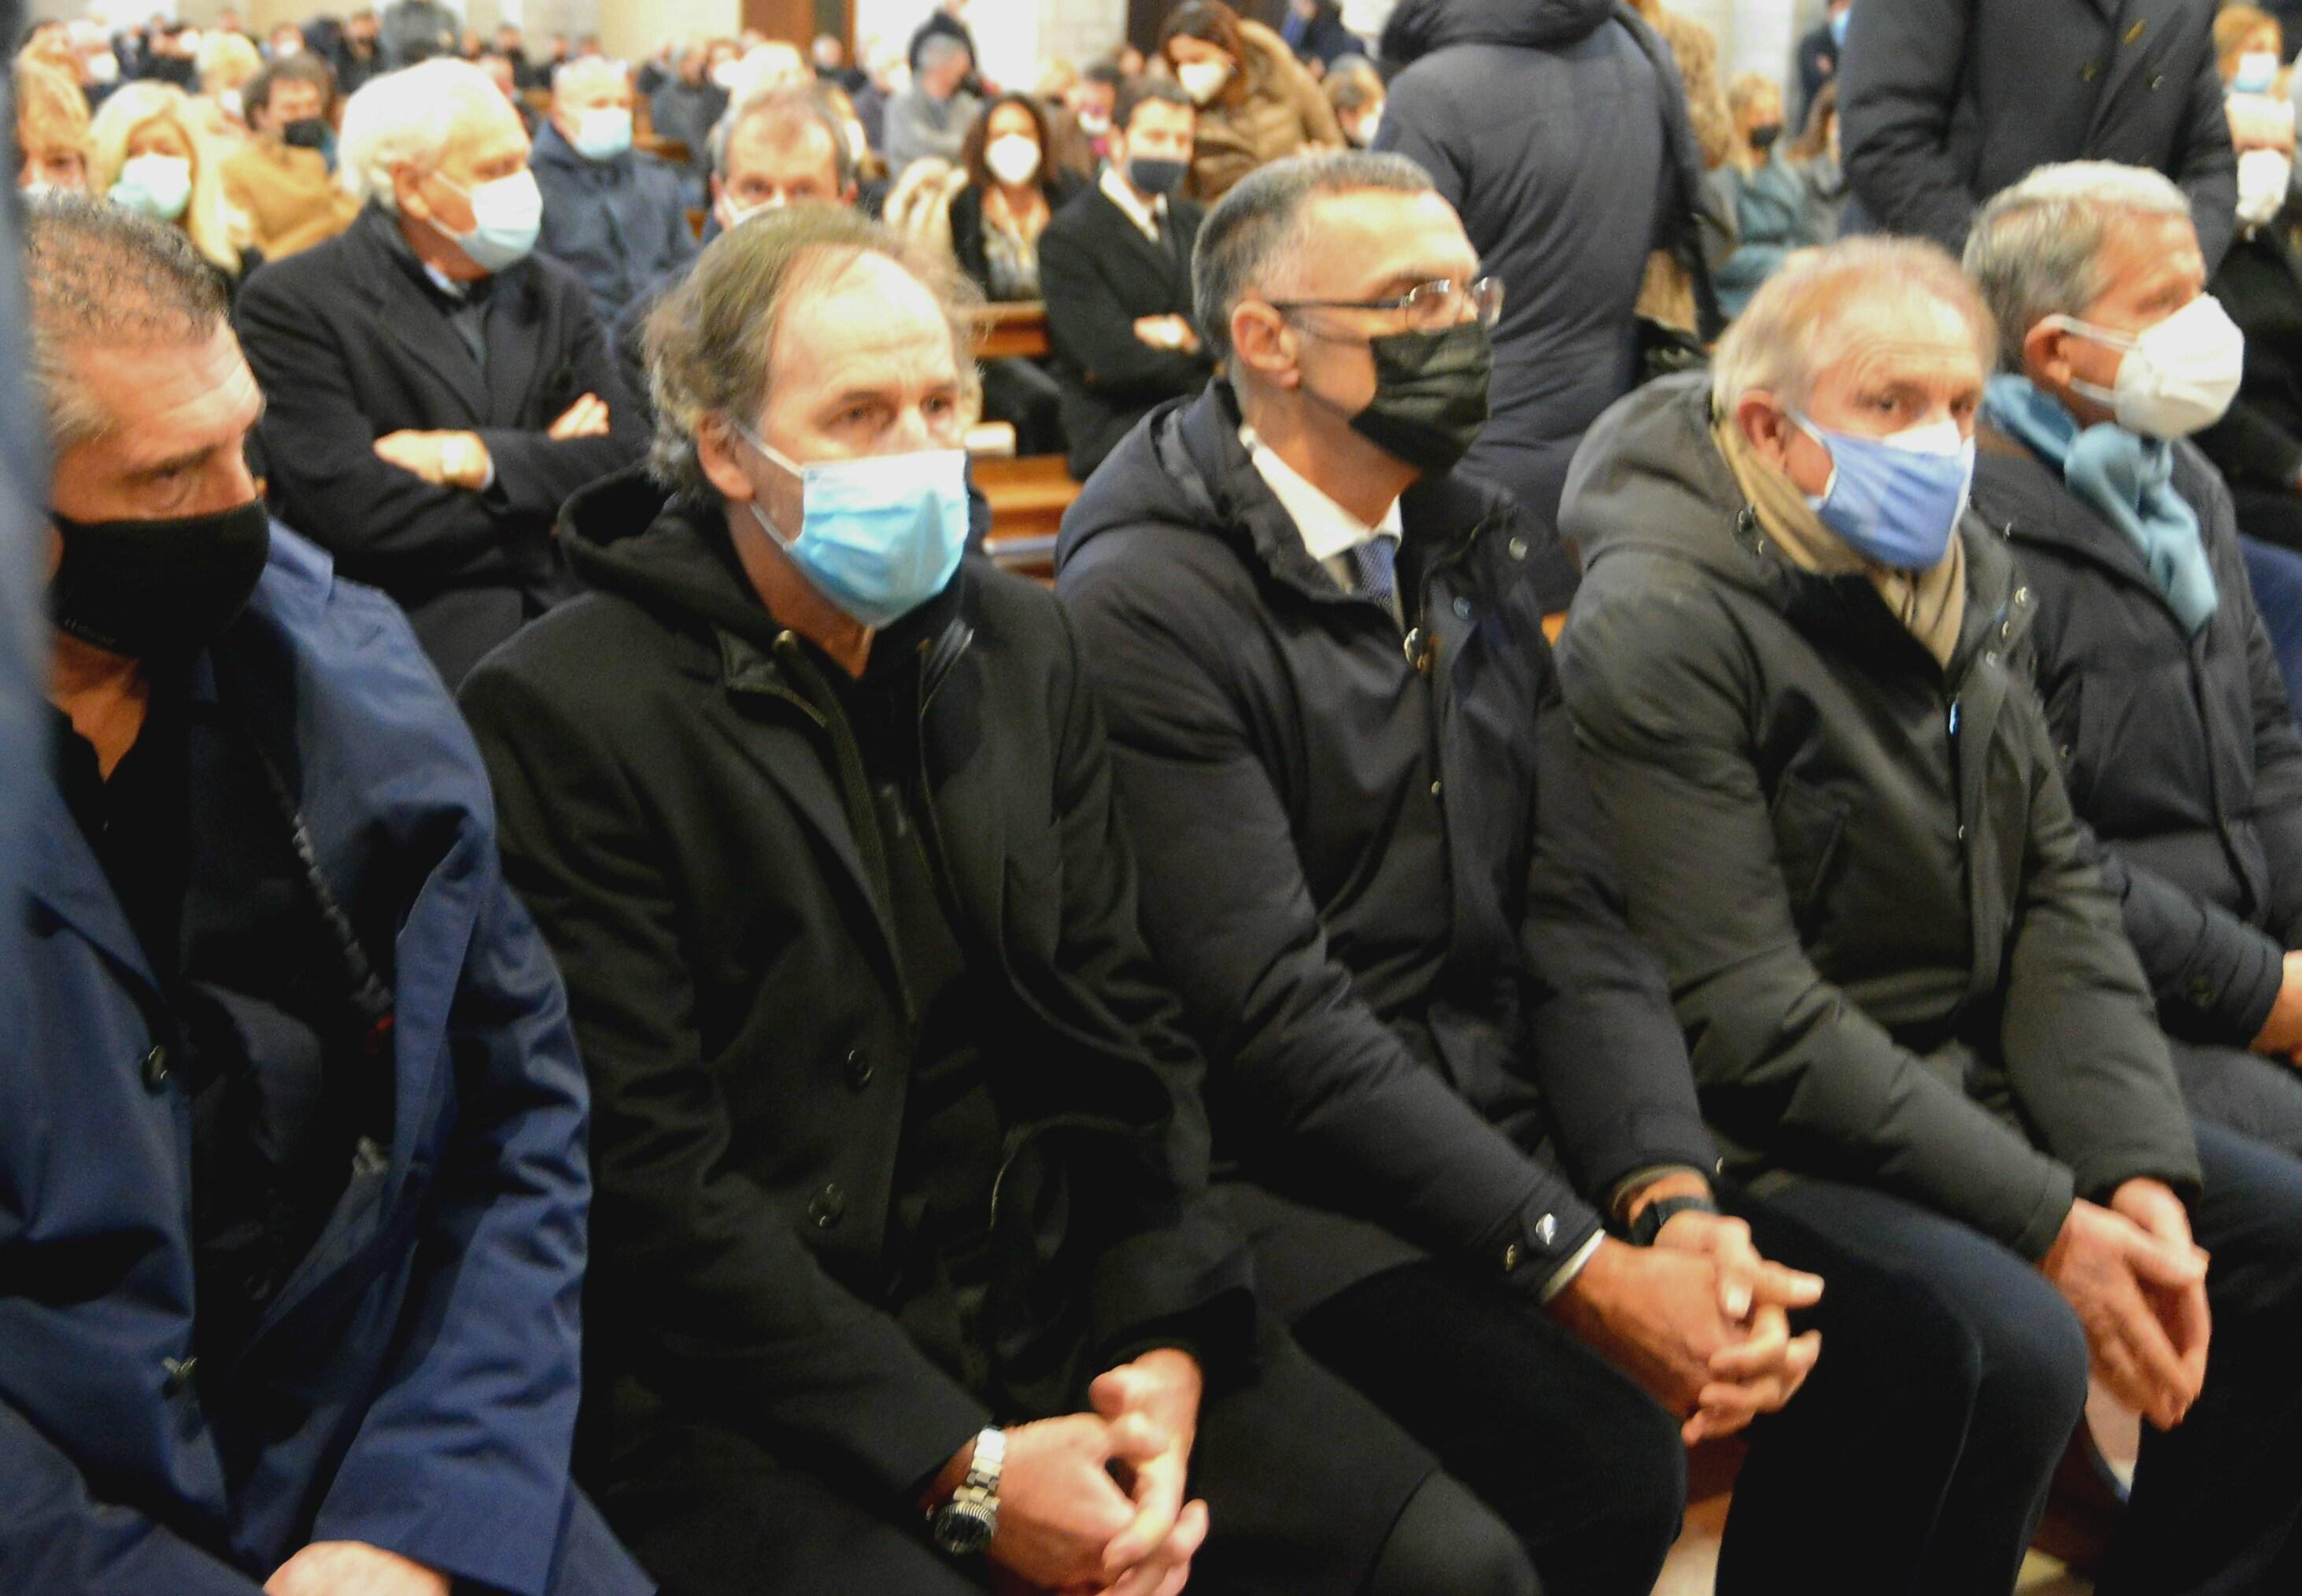 Funerali di Paolo Rossi al duomo di Vicenza (Vicenza - 2020-12-12, Maule) p.s. la foto e' utilizzabile nel rispetto del contesto in cui e' stata scattata, e senza intento diffamatorio del decoro delle persone rappresentate